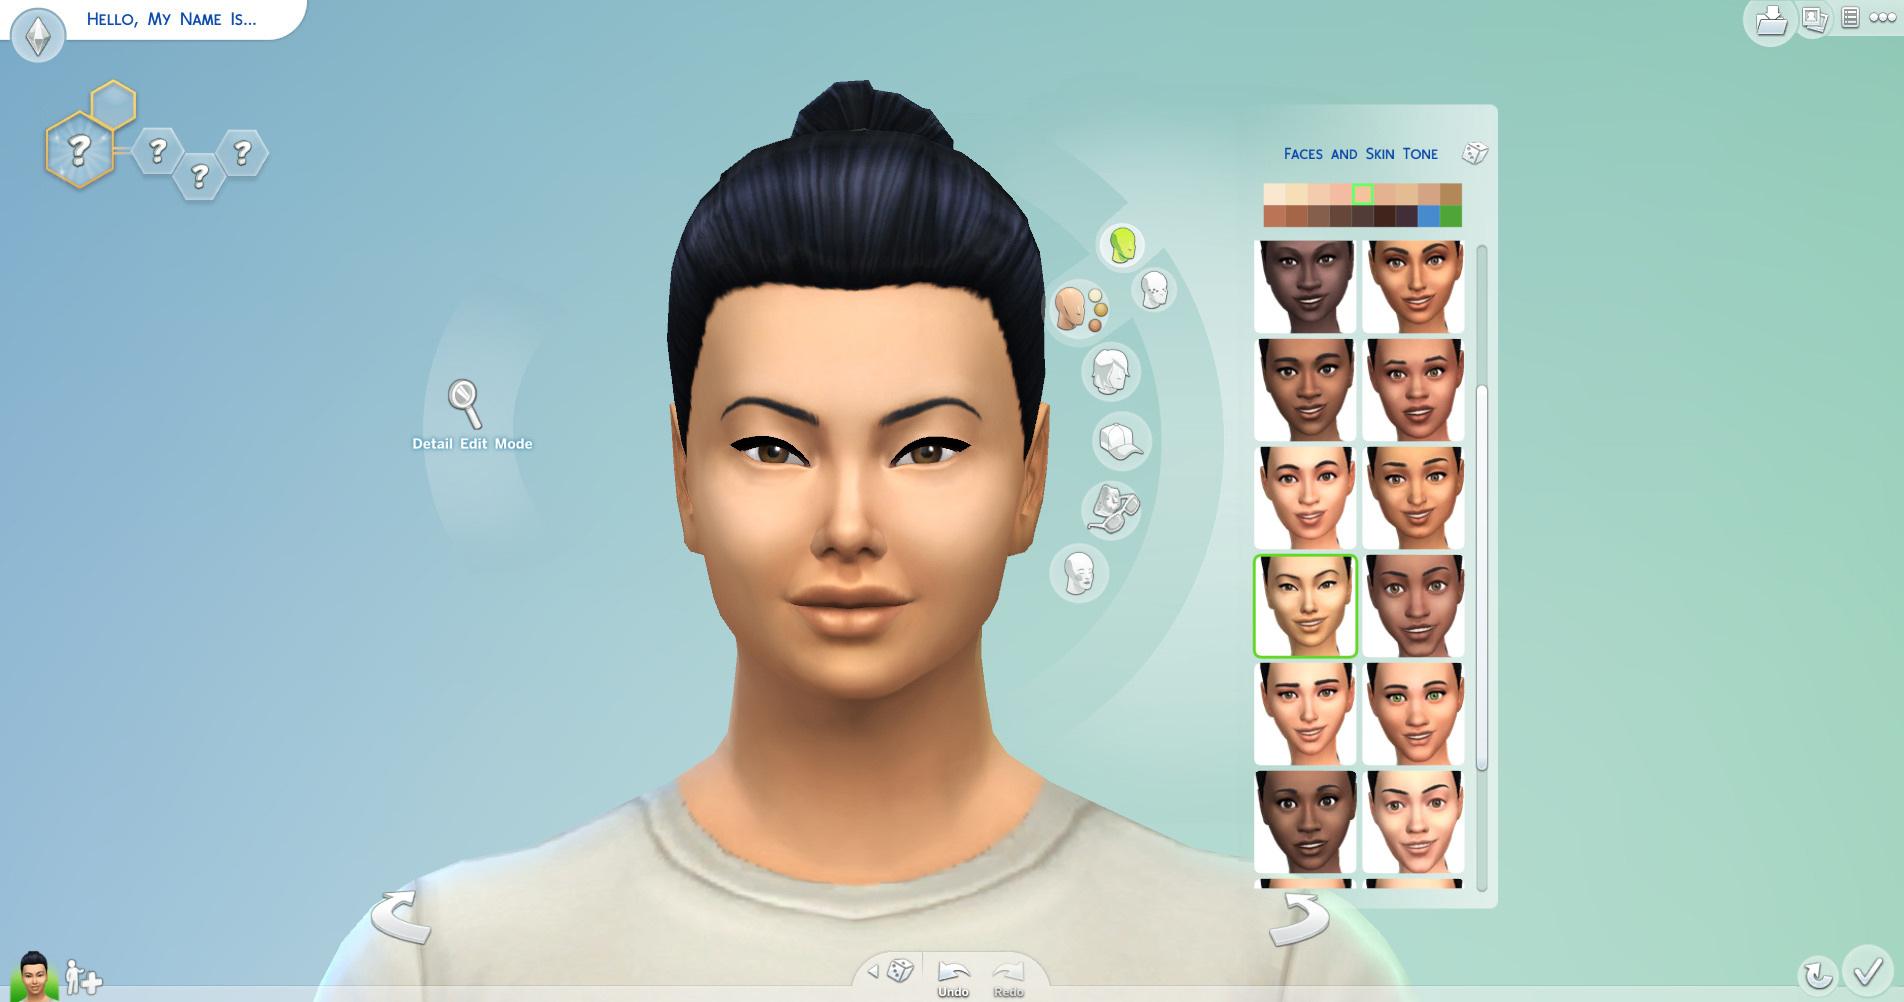 ここから仏陀でも作れそうなアジア人顔